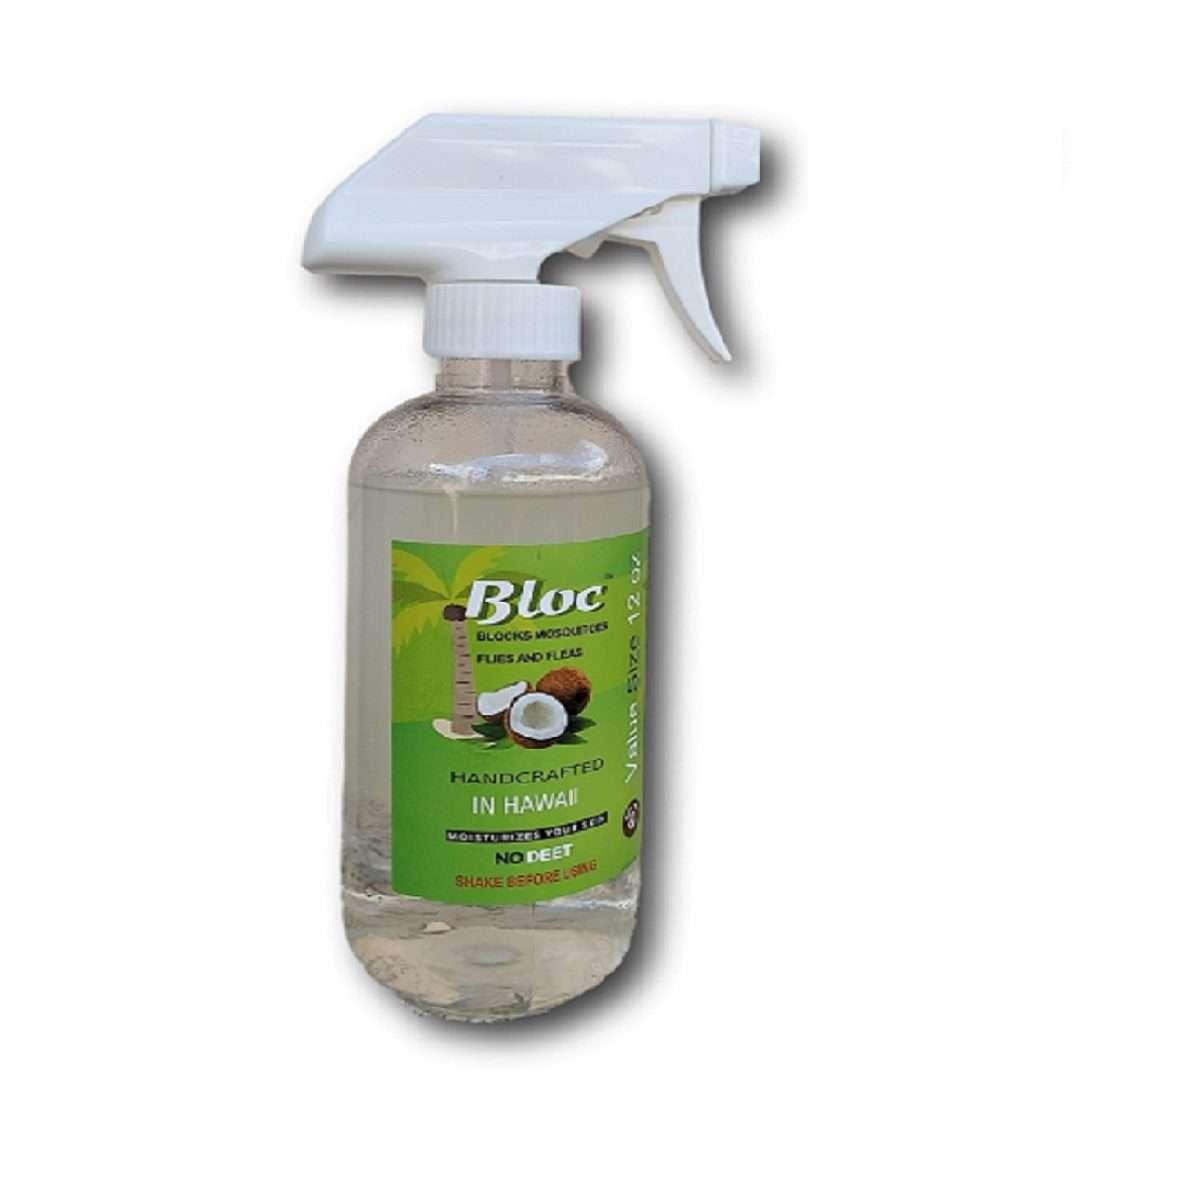 bloc natural mosquito repellent 12 oz value size